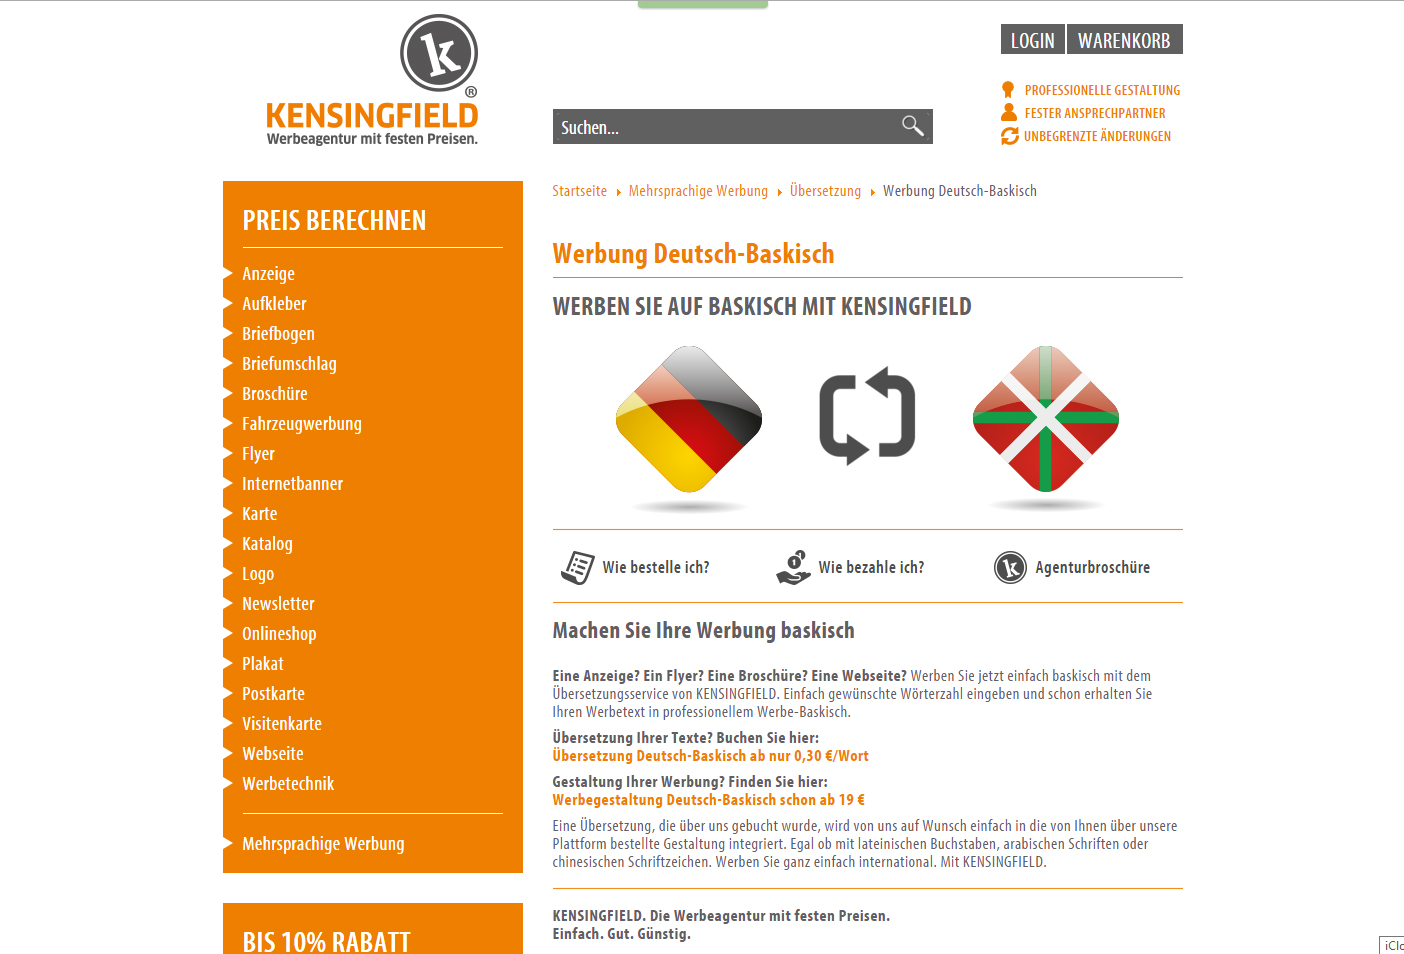 Werbung auf baskisch? Ja, bei KENSINGFIELD.